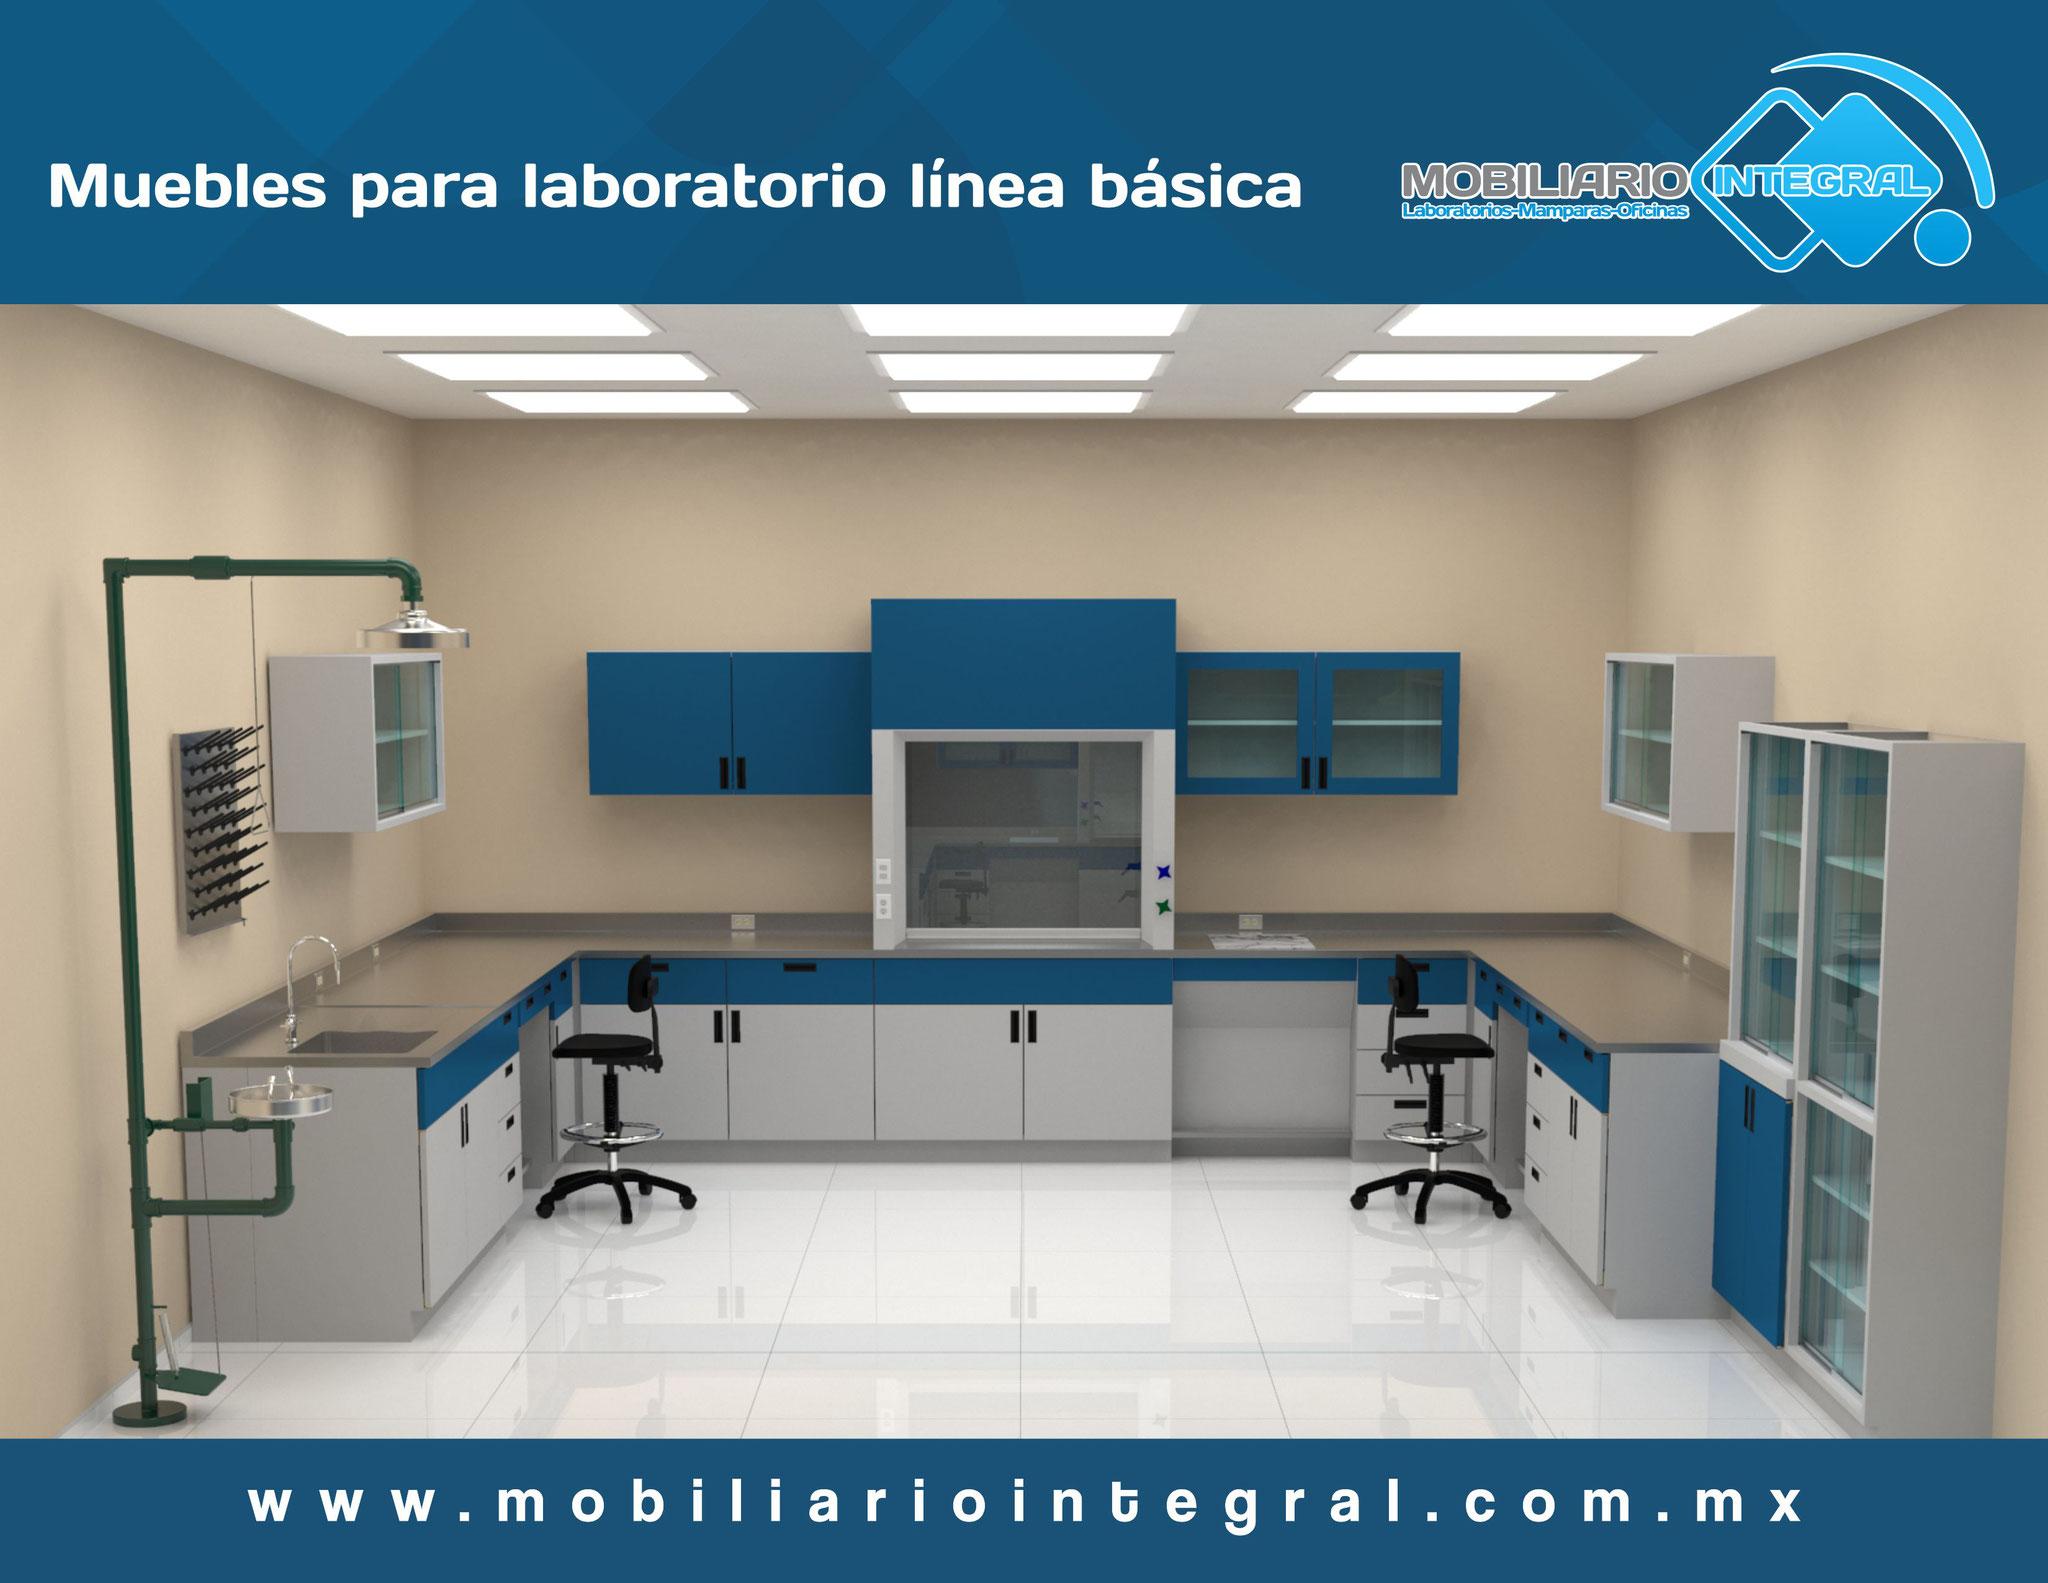 Muebles para laboratorio en Playa del Carmen